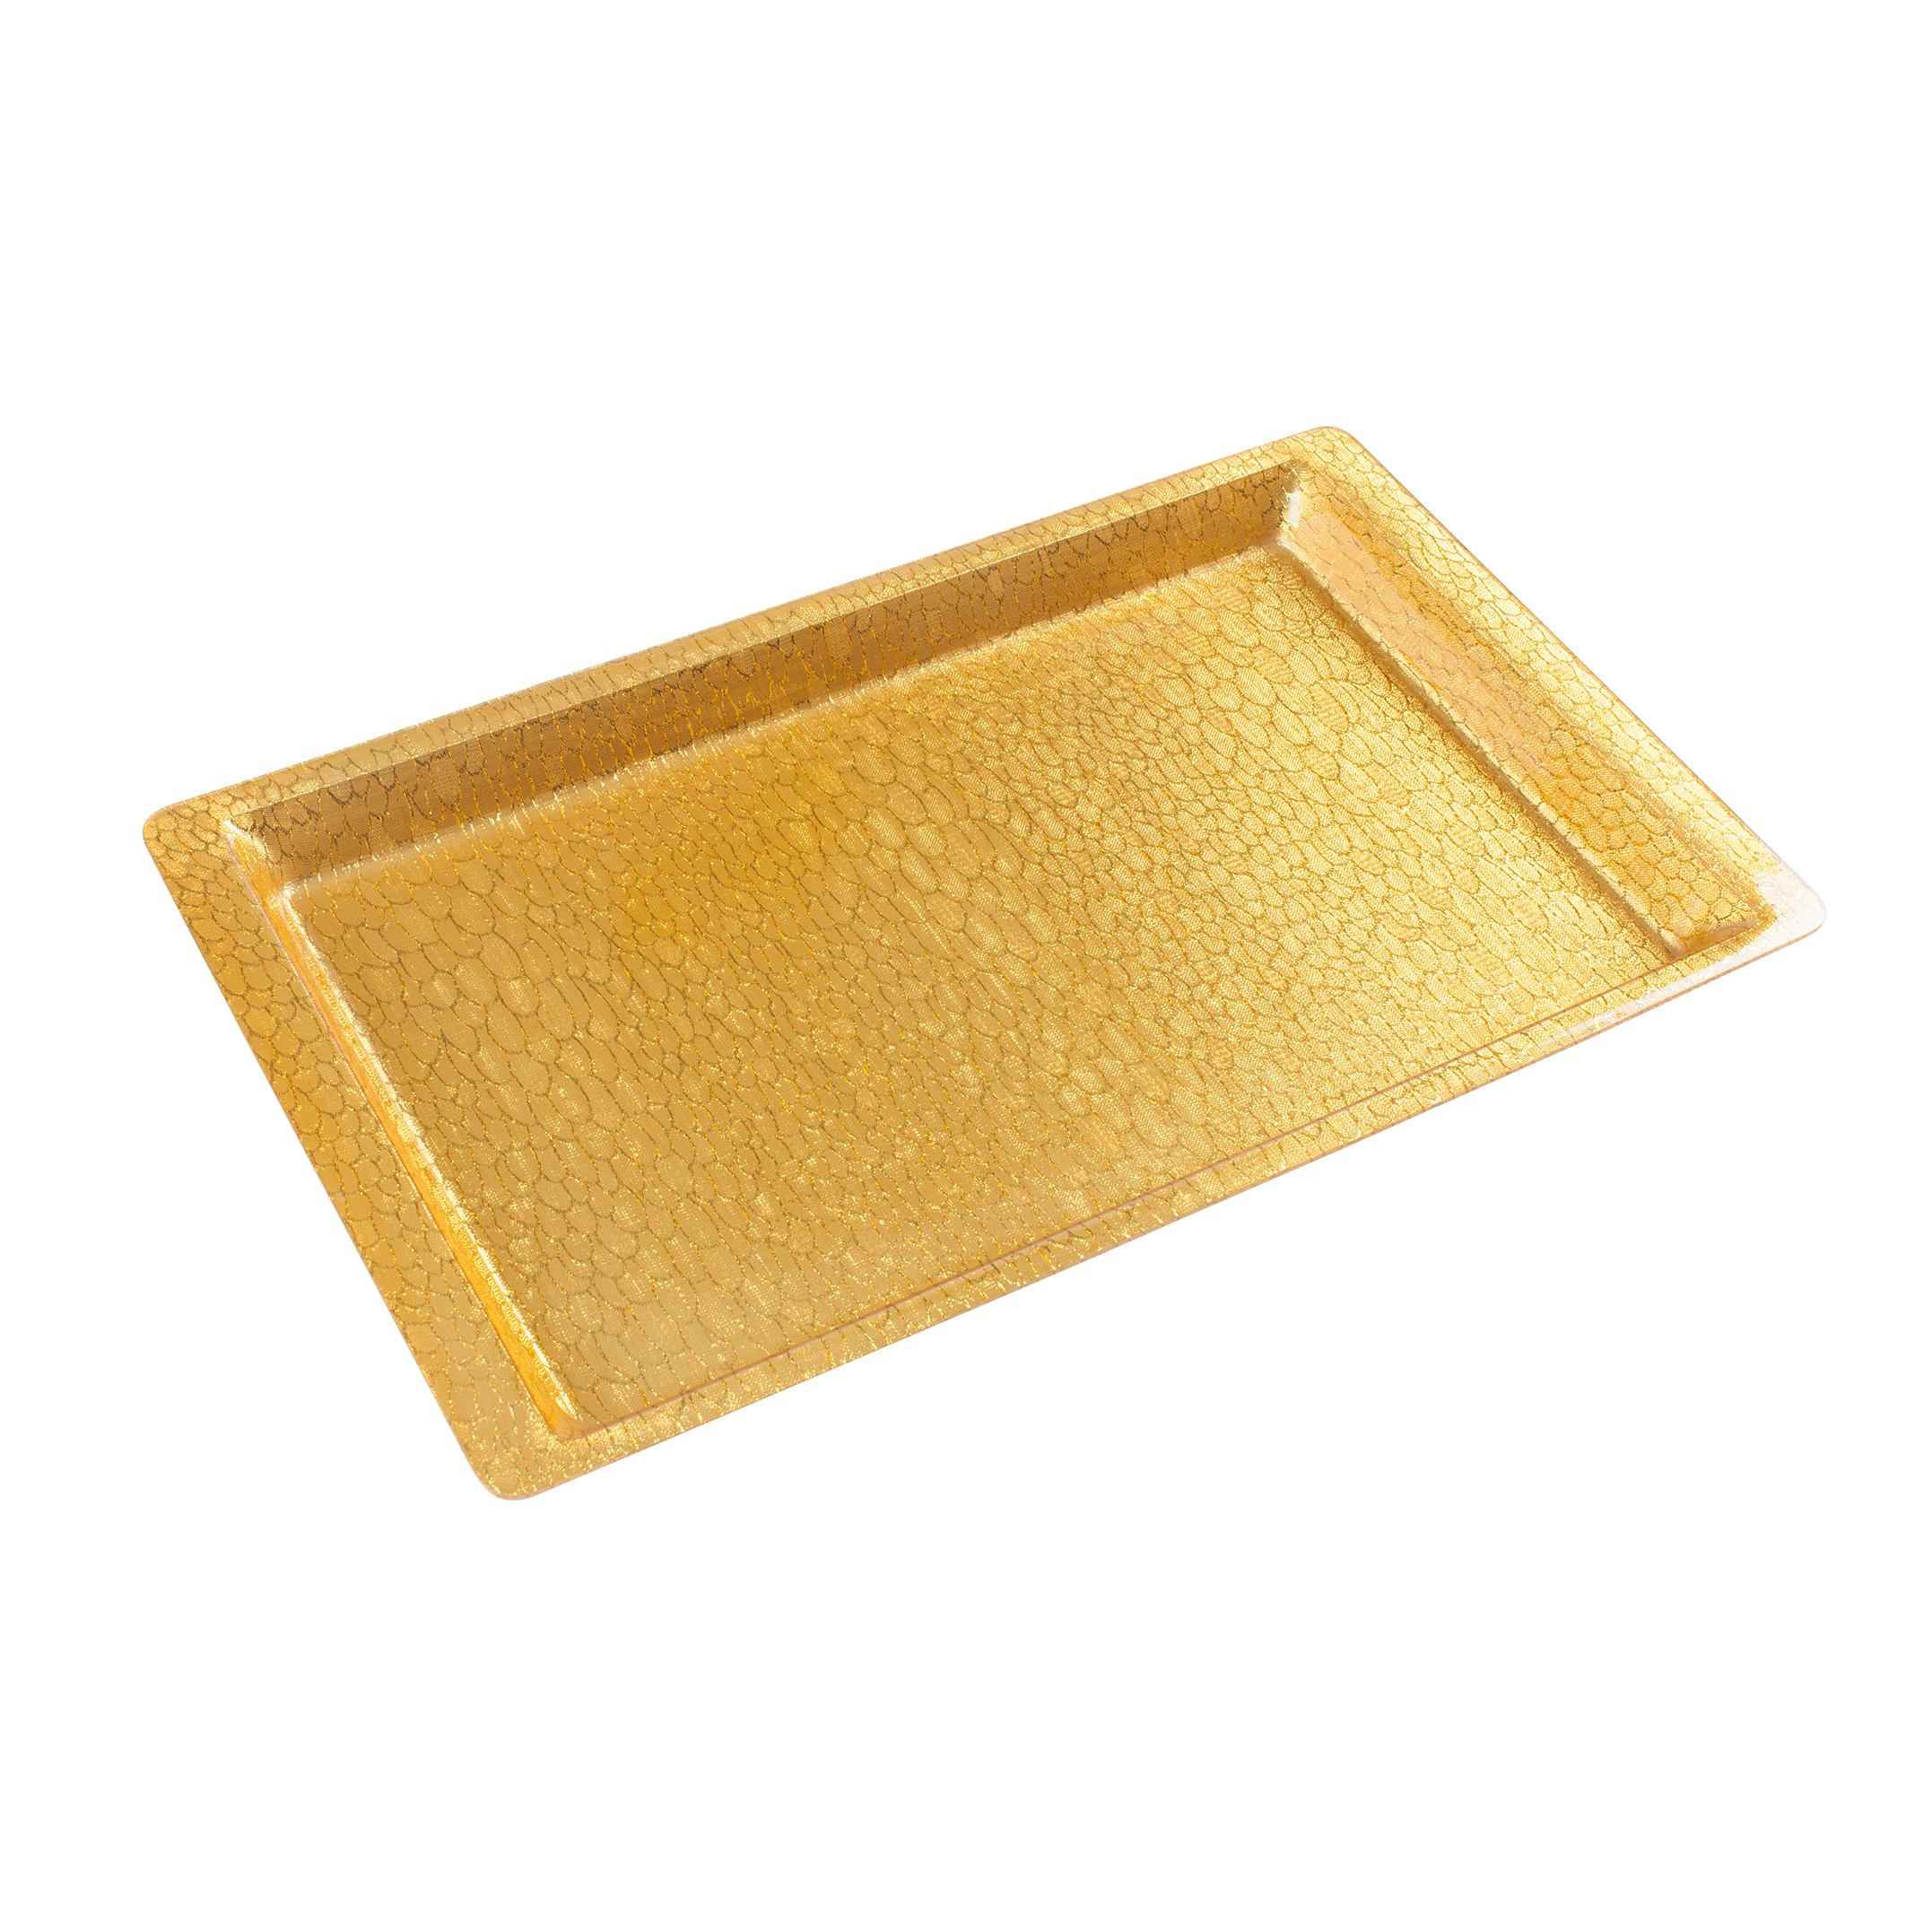 Winco AST-2G display tray, market / bakery